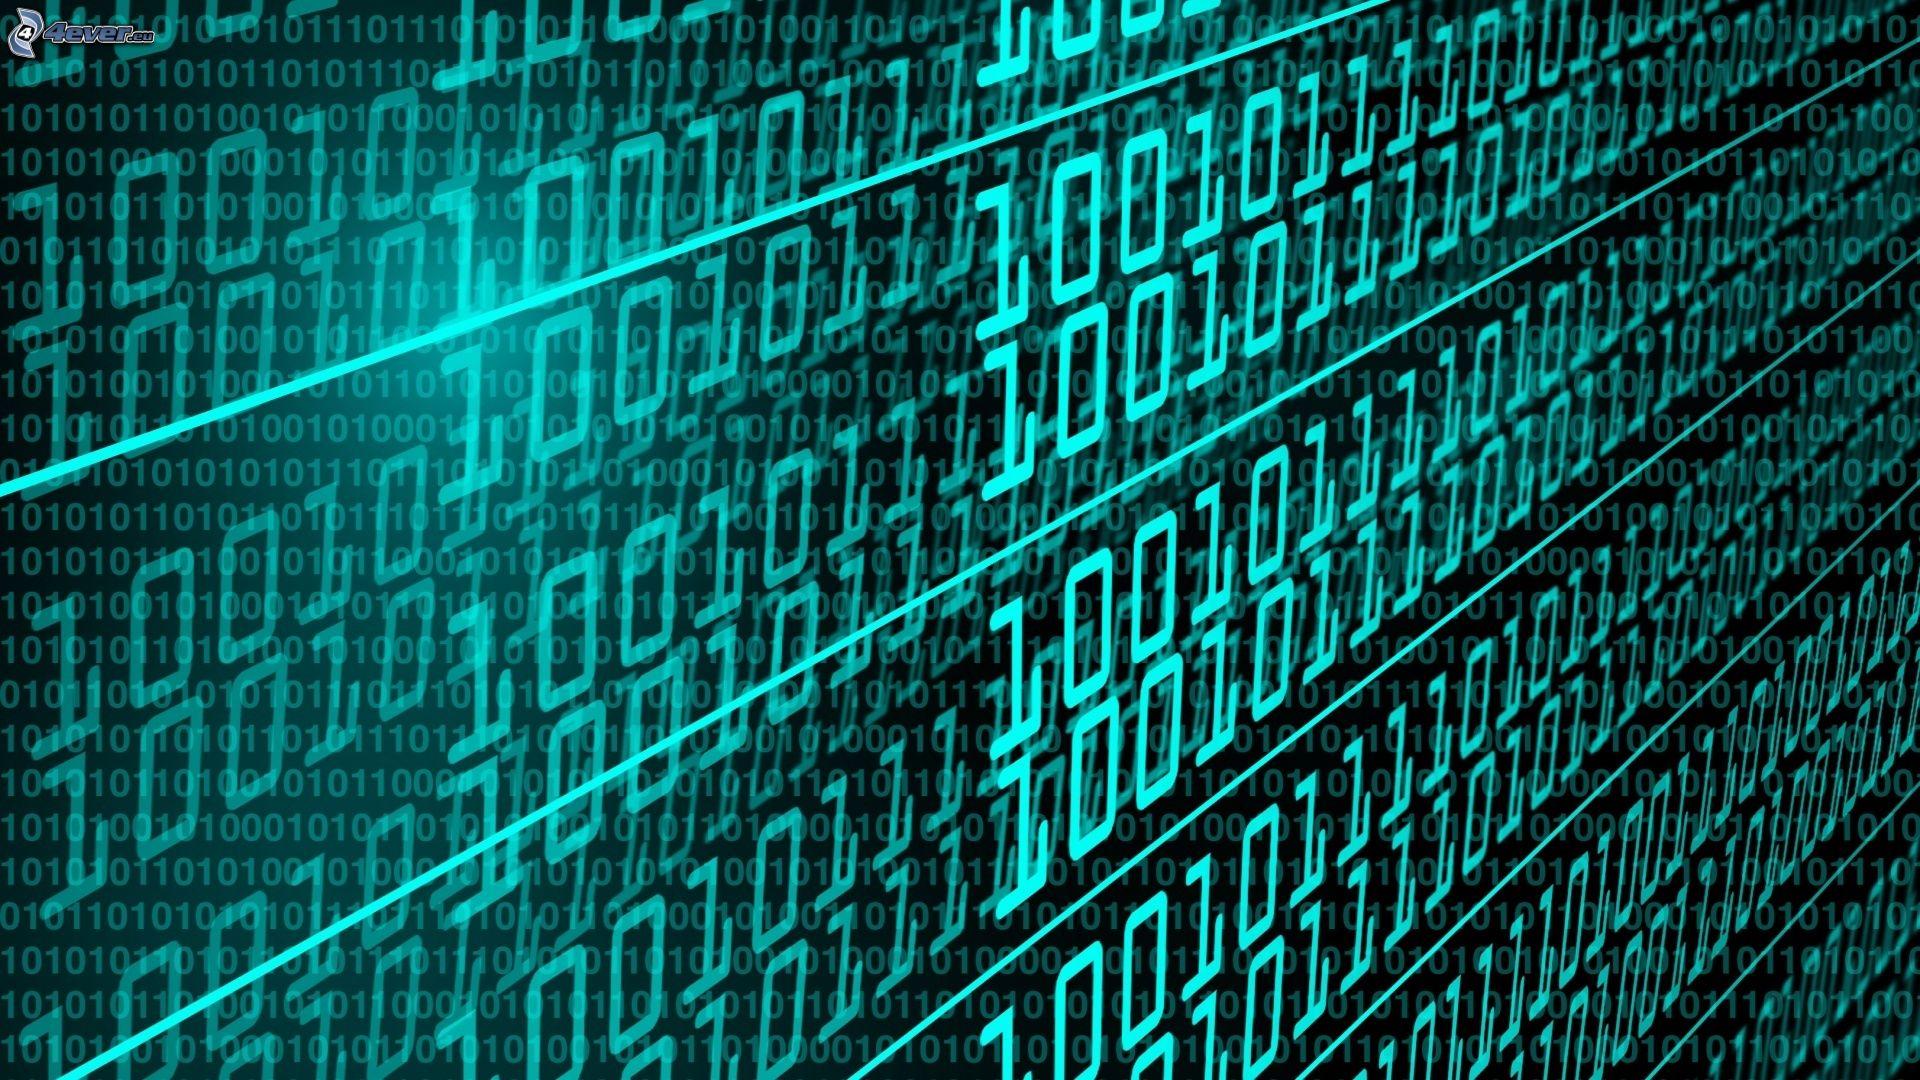 [immagini.4ever.eu] codice binario, numeri 161219